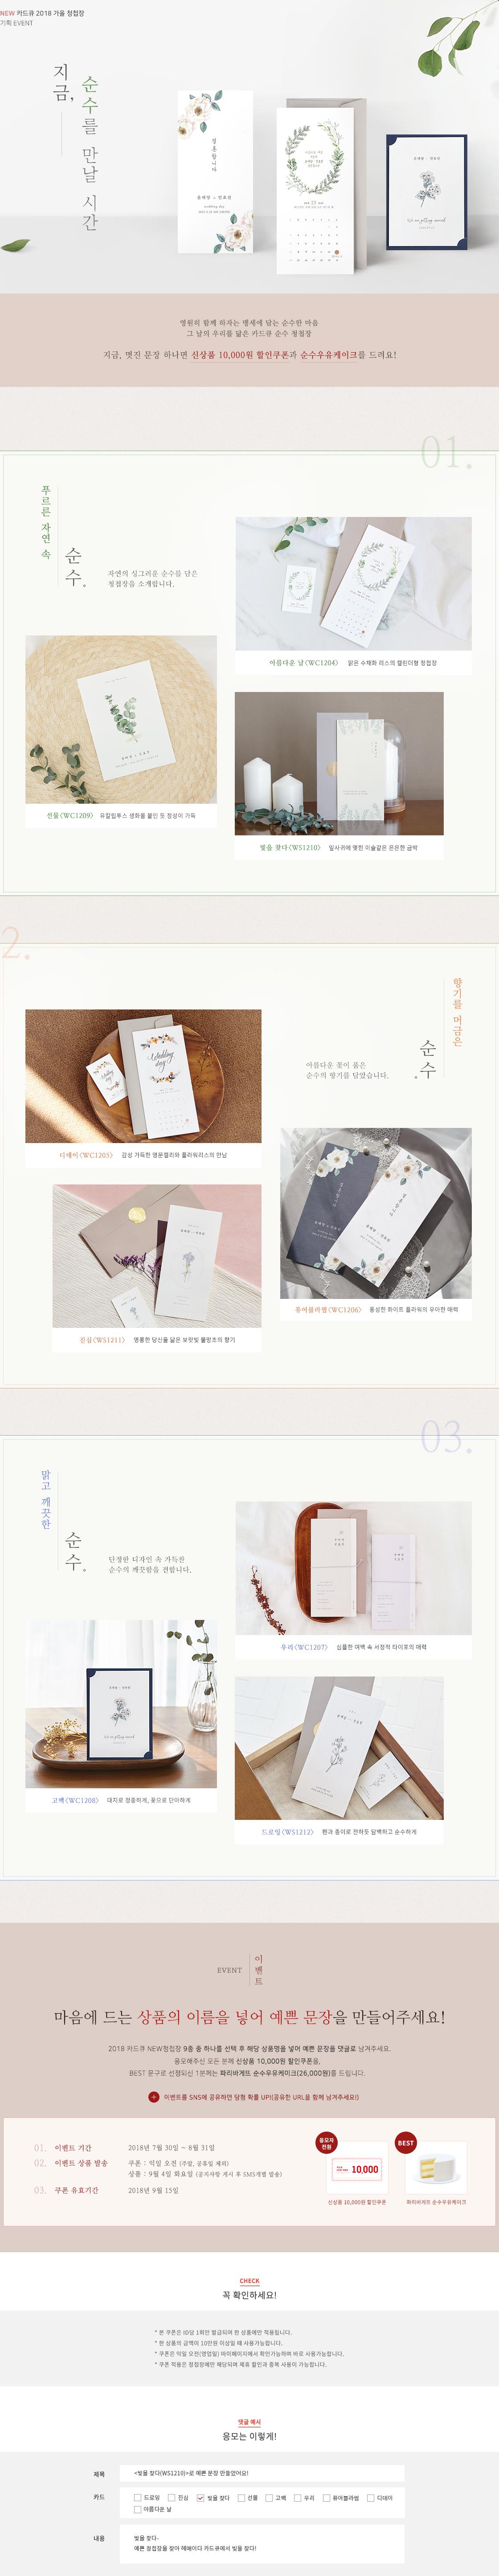 카드큐 가을 신상품 청첩장 이벤트